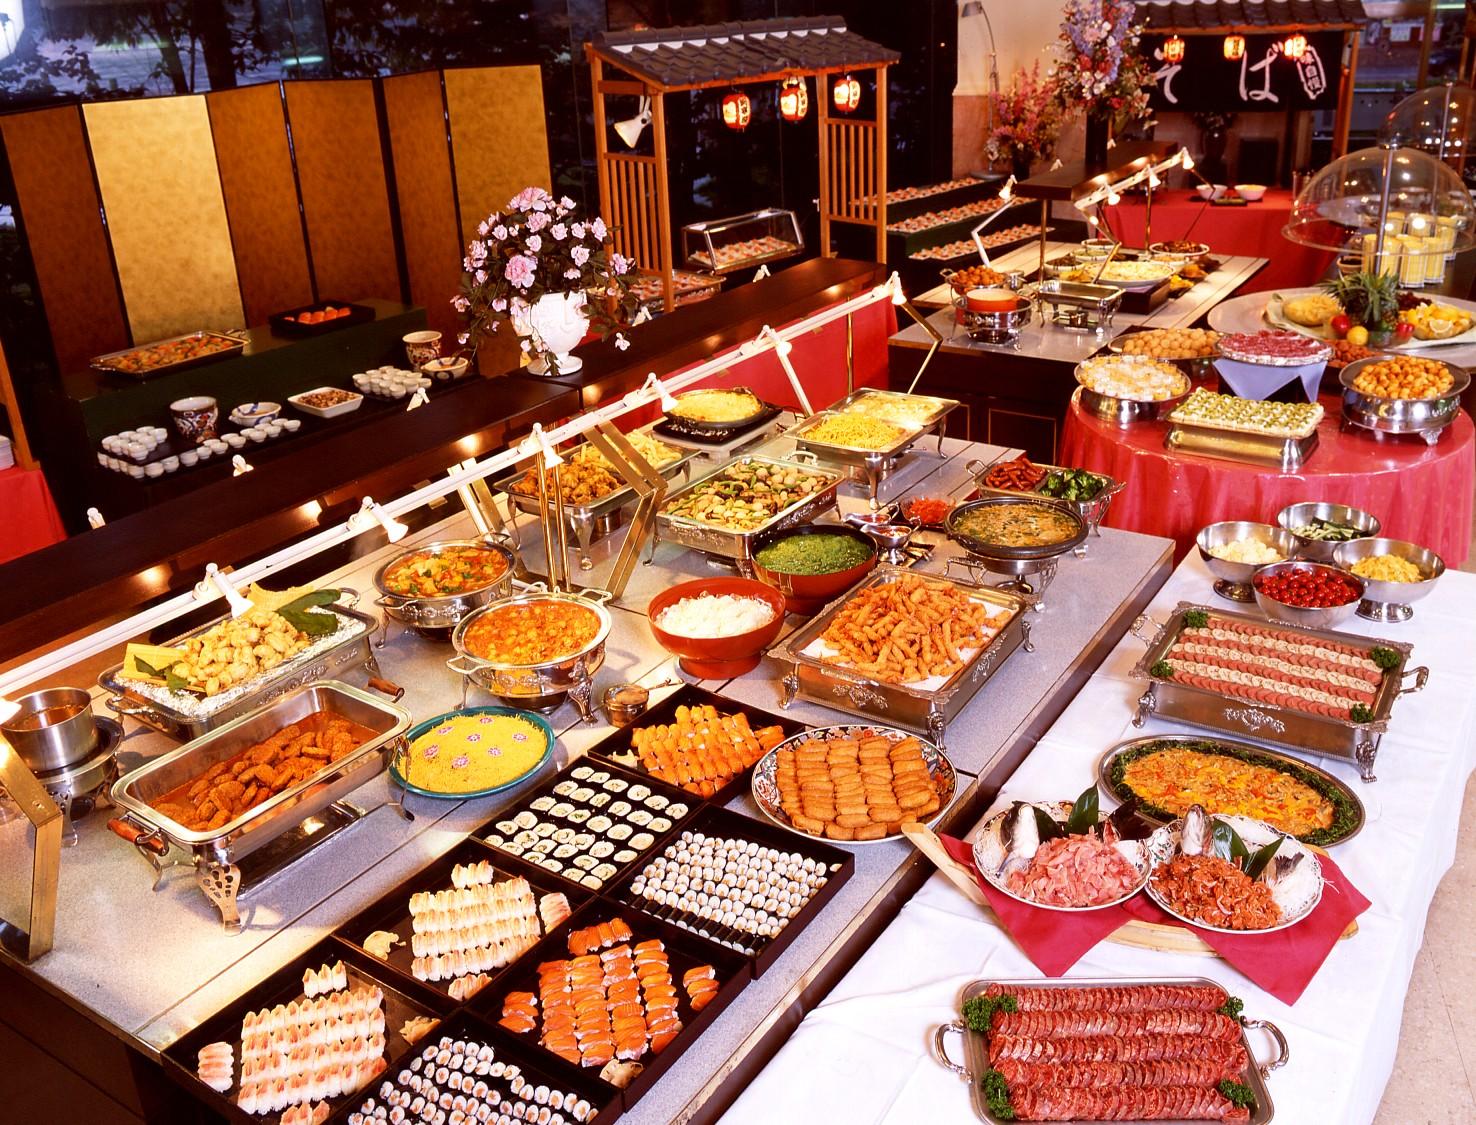 abrahams blog School trip : buffet from emanuelabraham.blogspot.com size 1476 x 1125 jpeg 648kB